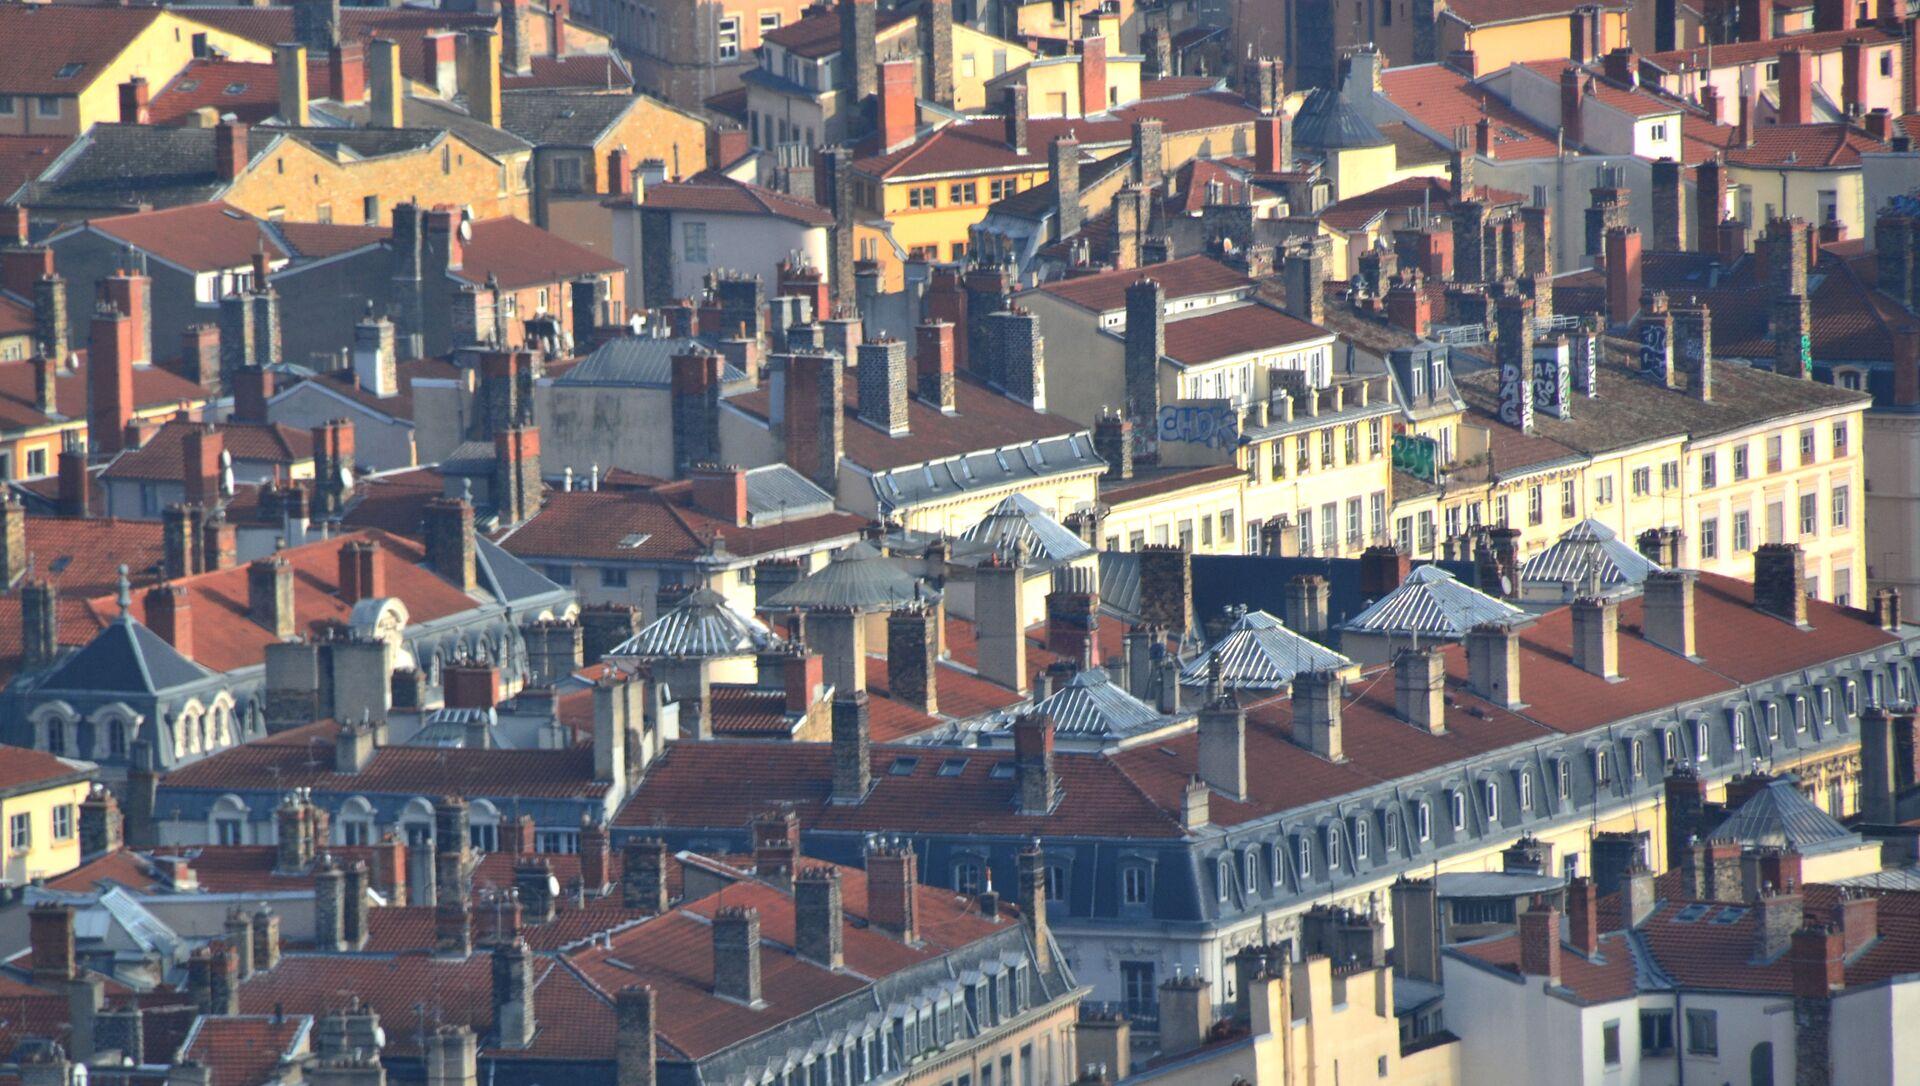 Les toits de Lyon (archive photo) - Sputnik France, 1920, 12.02.2021